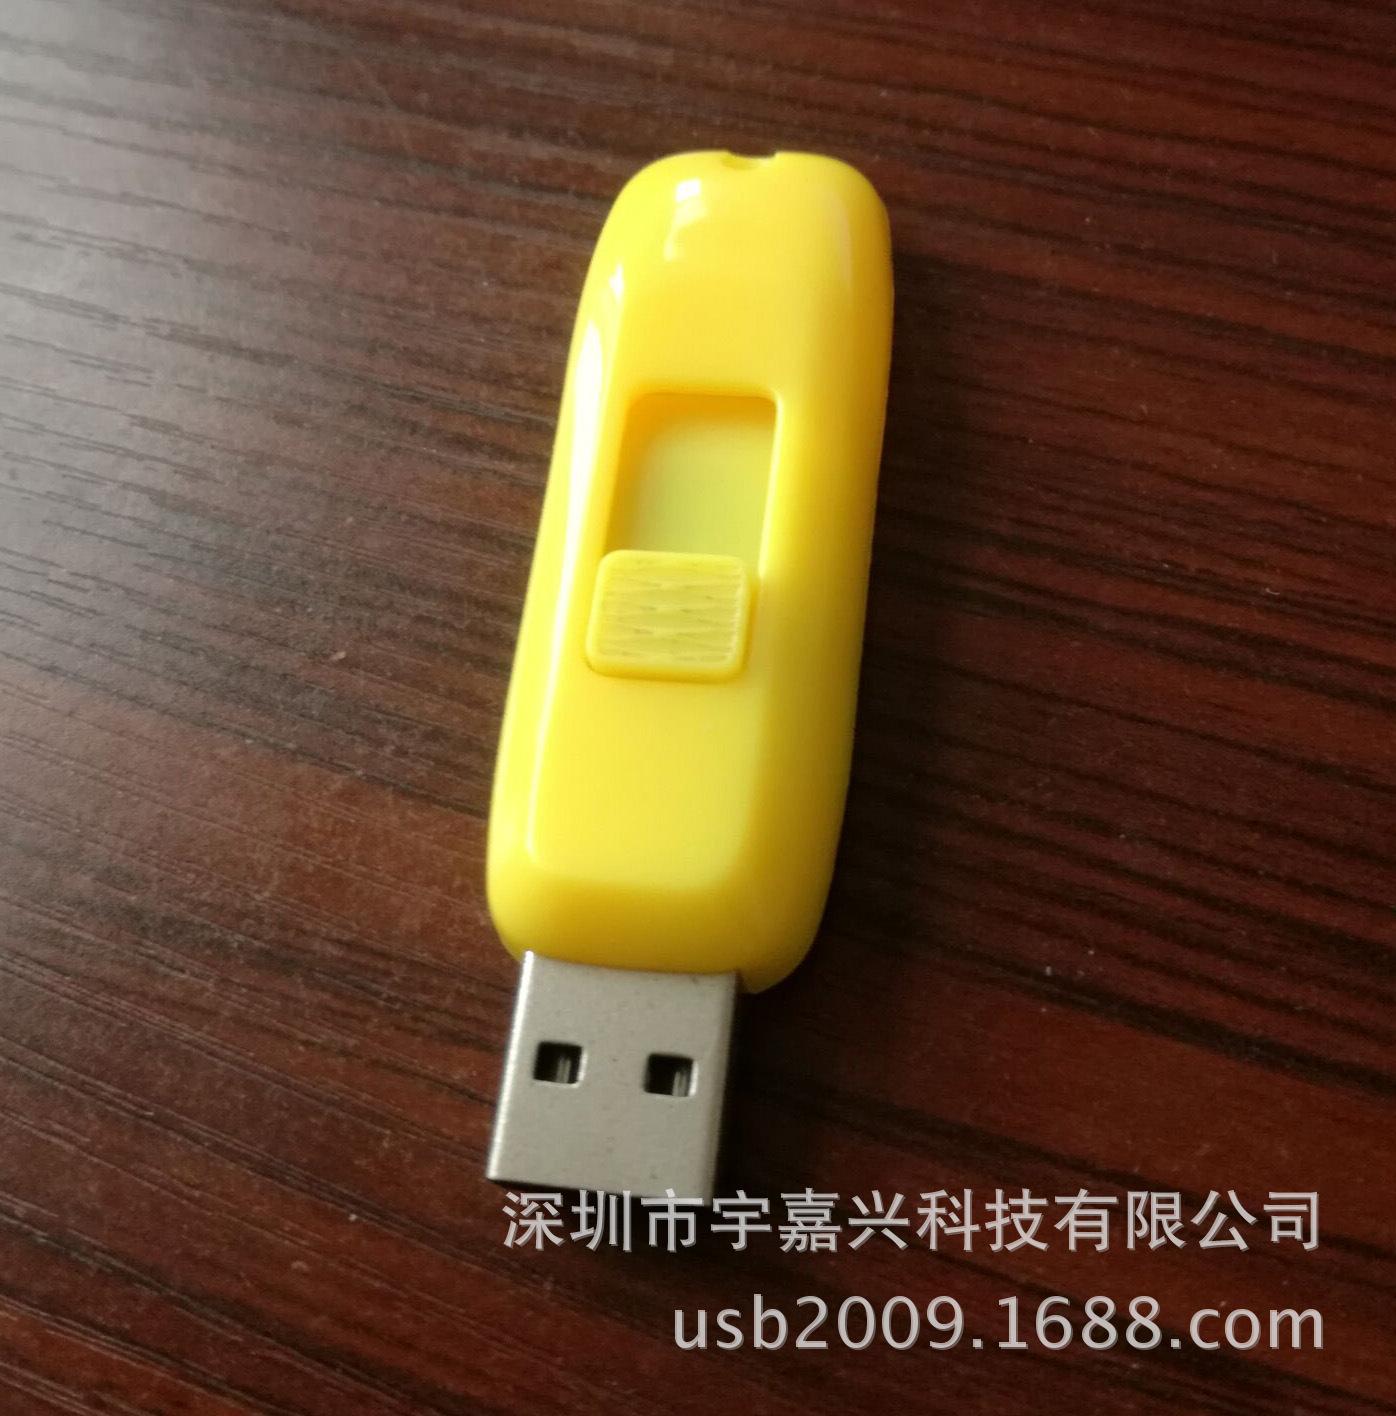 工厂供应新款ABS塑胶无帽子伸缩USB壳料批发款式礼品开模订制